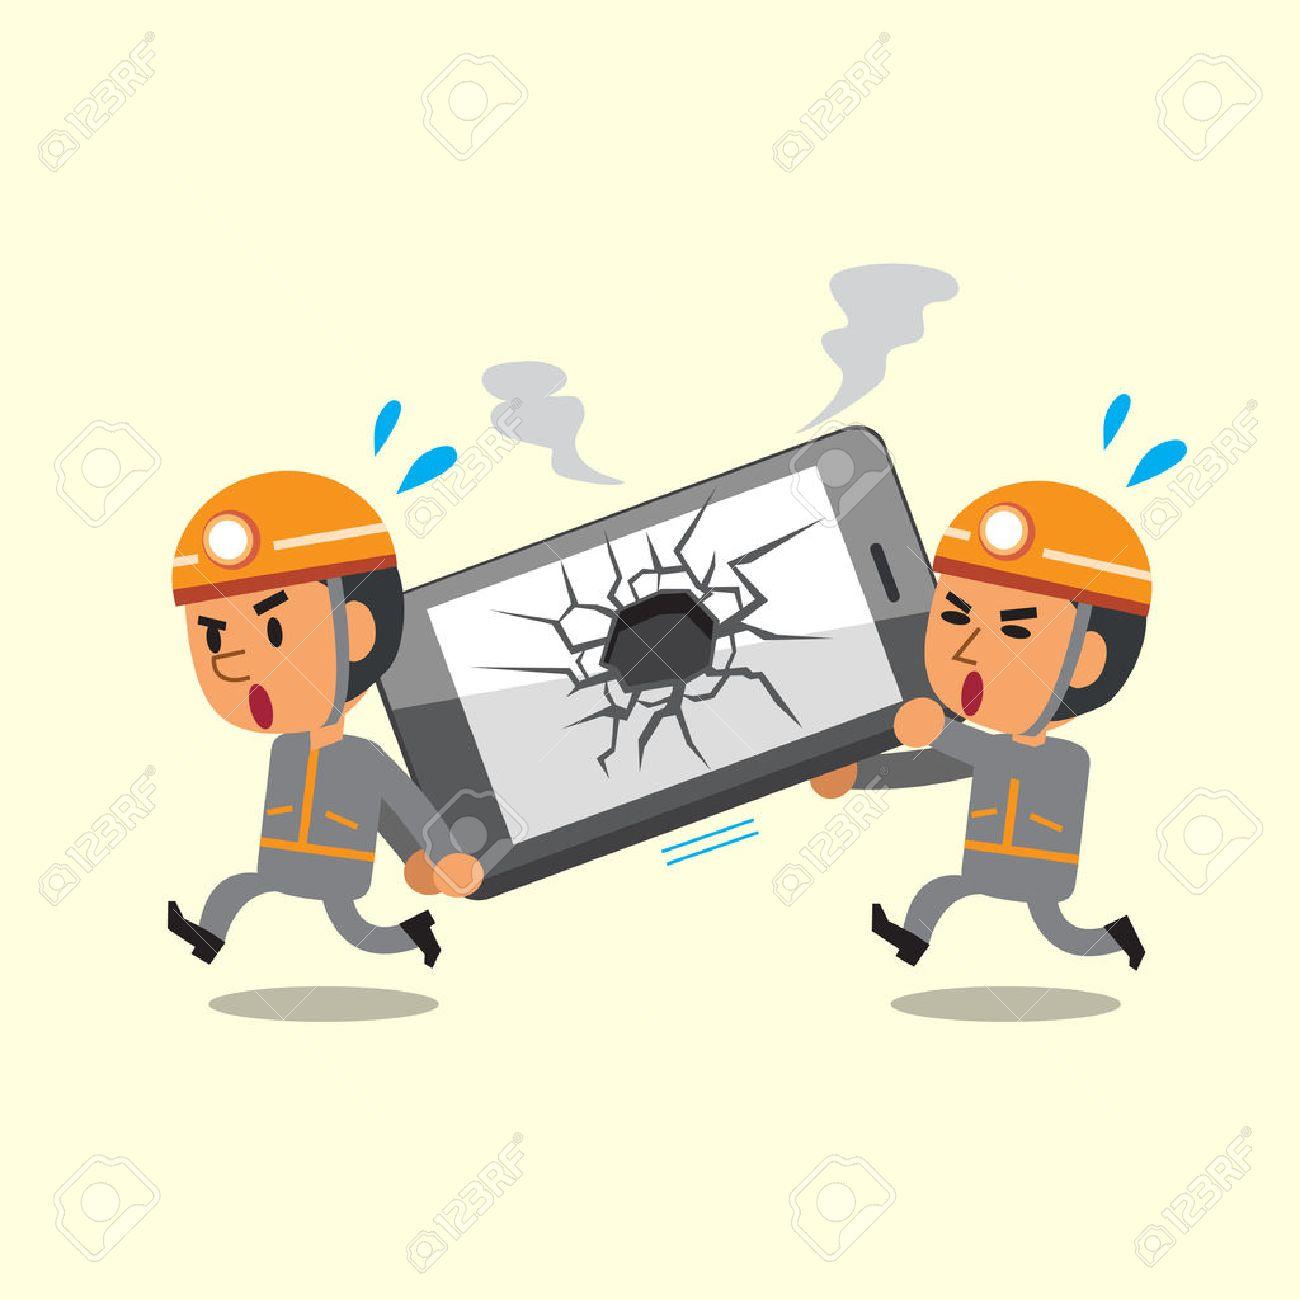 Cartoon technicians helping broken smartphone - 49066307